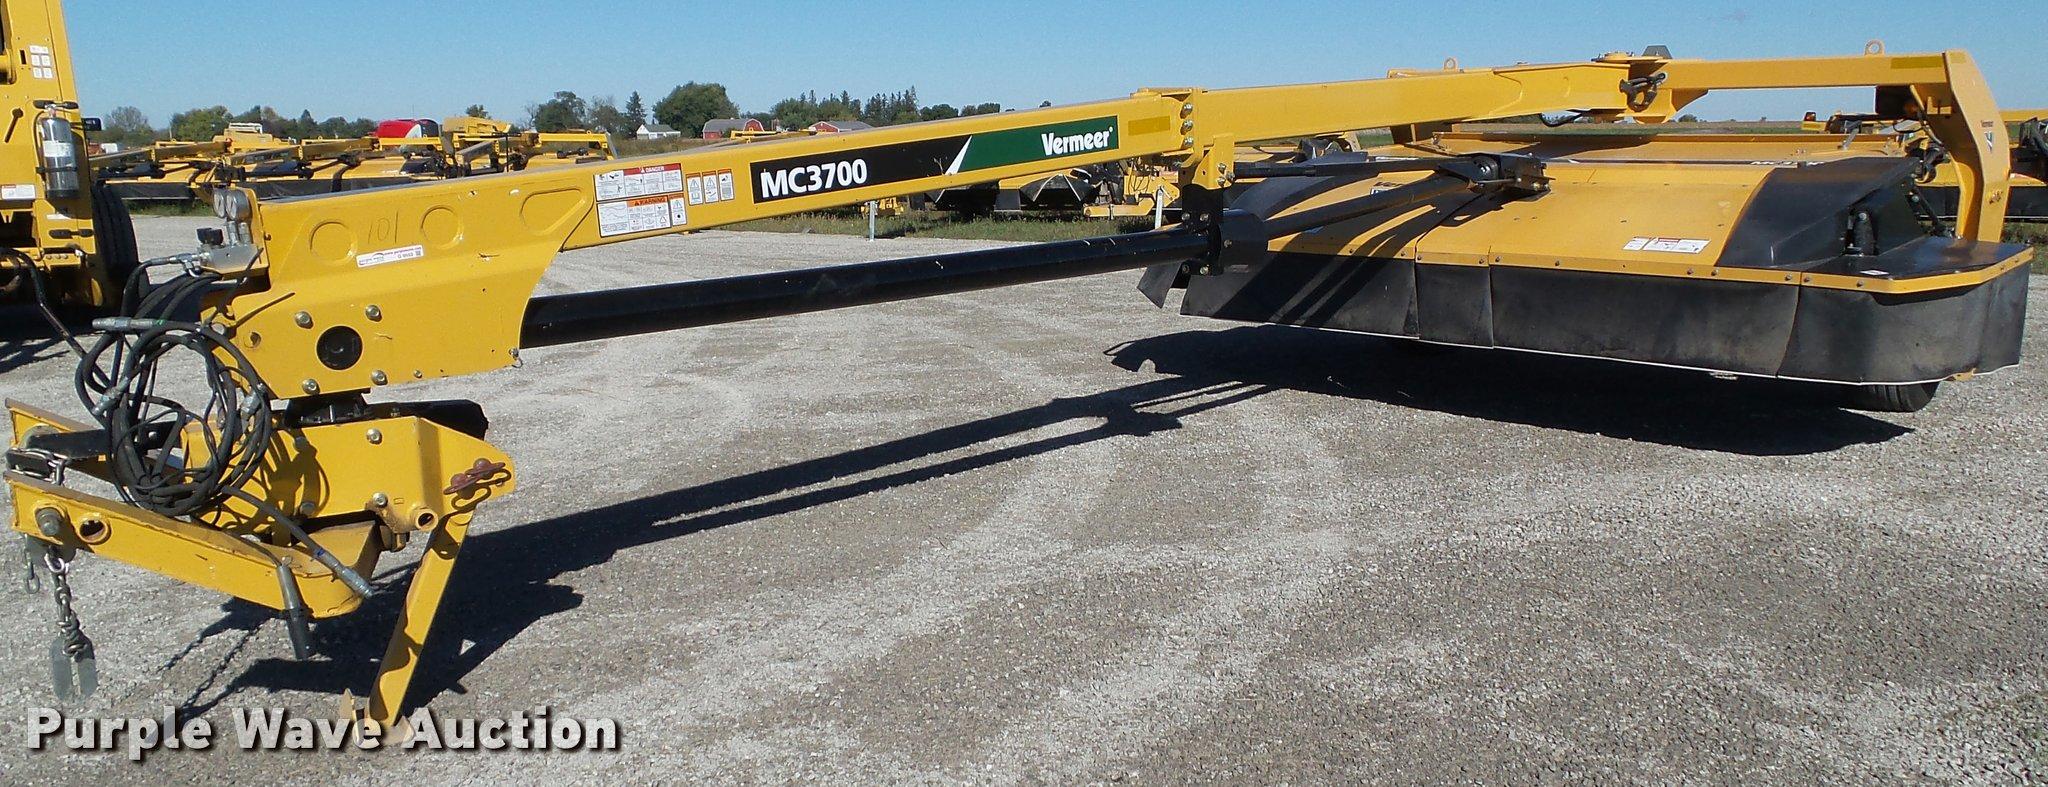 2013 Vermeer MC3700 center pivot mower conditioner | Item G9